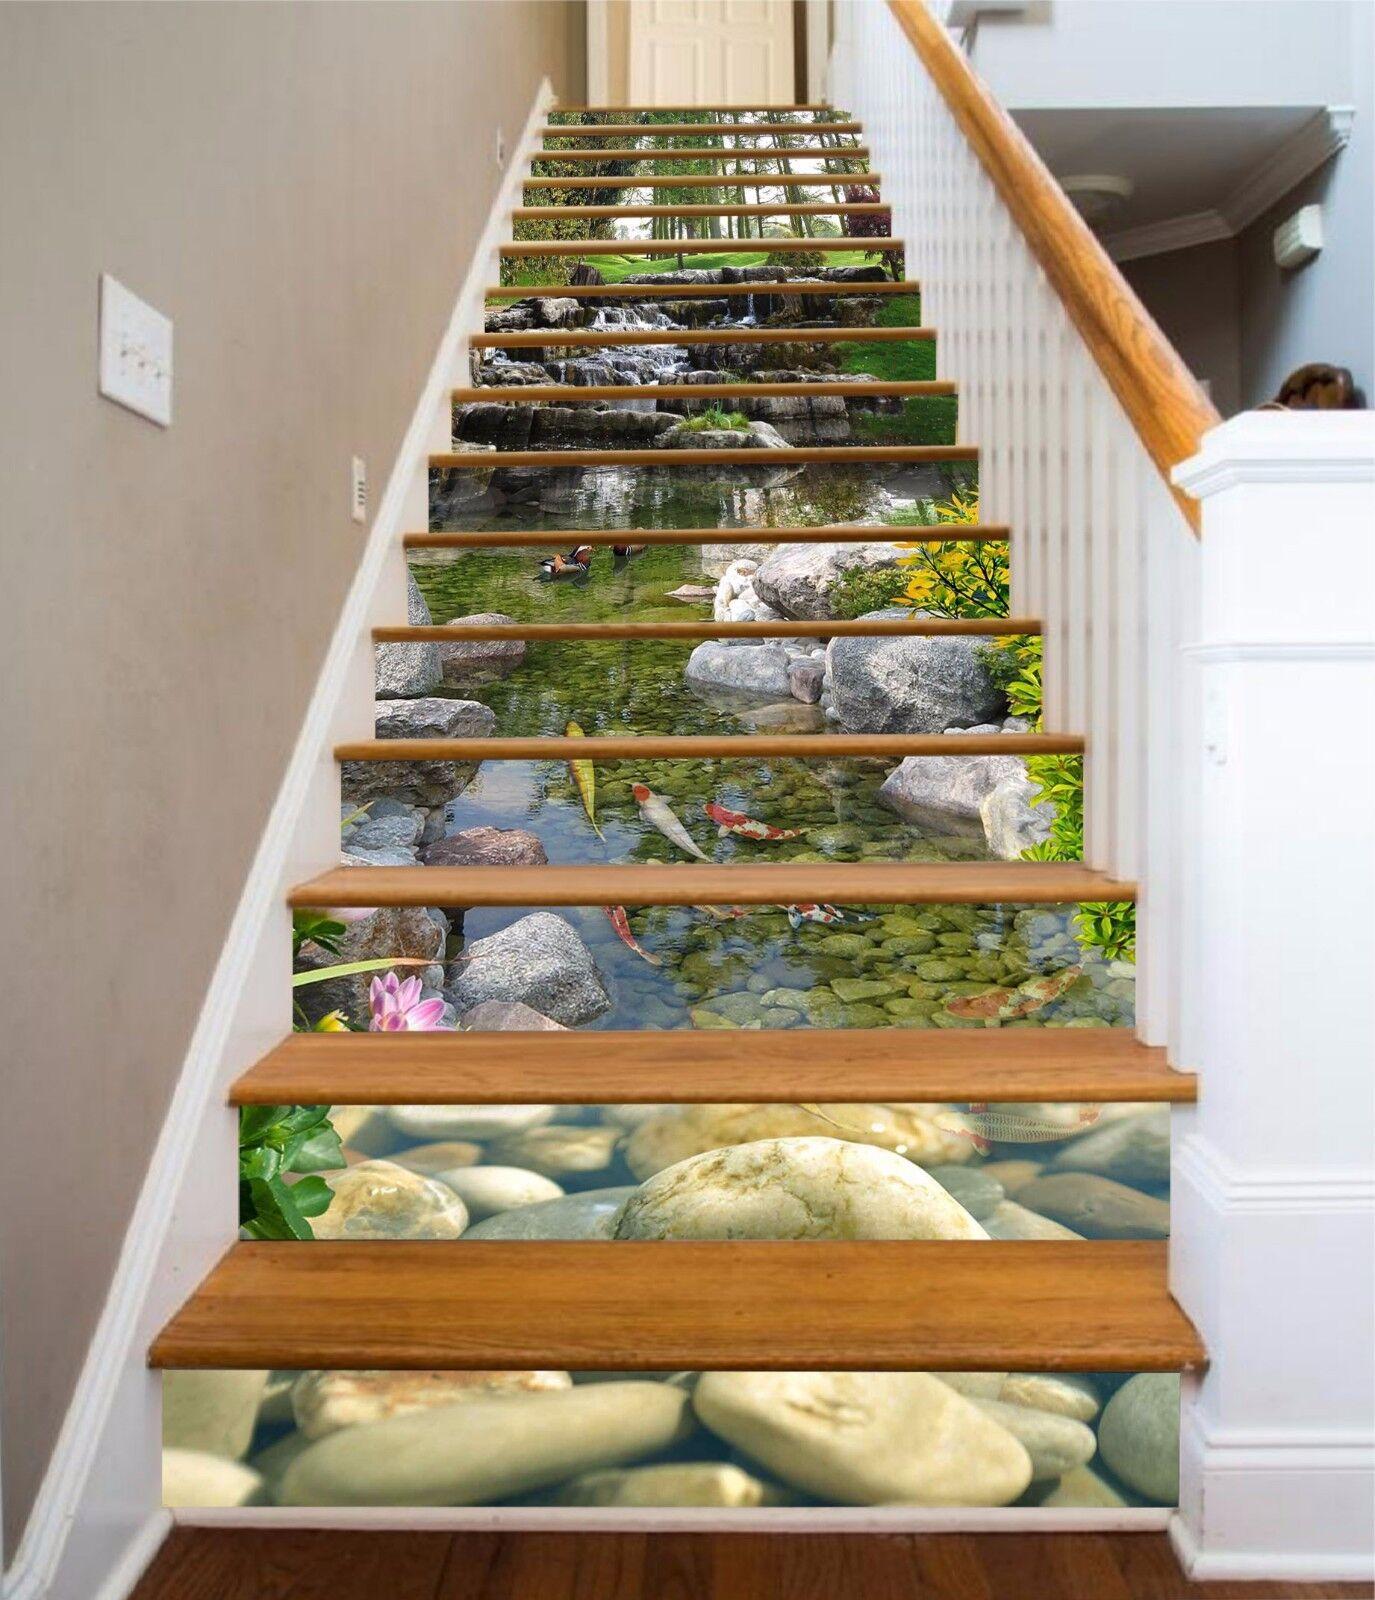 3D Teichfischszene 134 Risers Dekoration Foto Mural Vinyl Decal Wallpaper CA